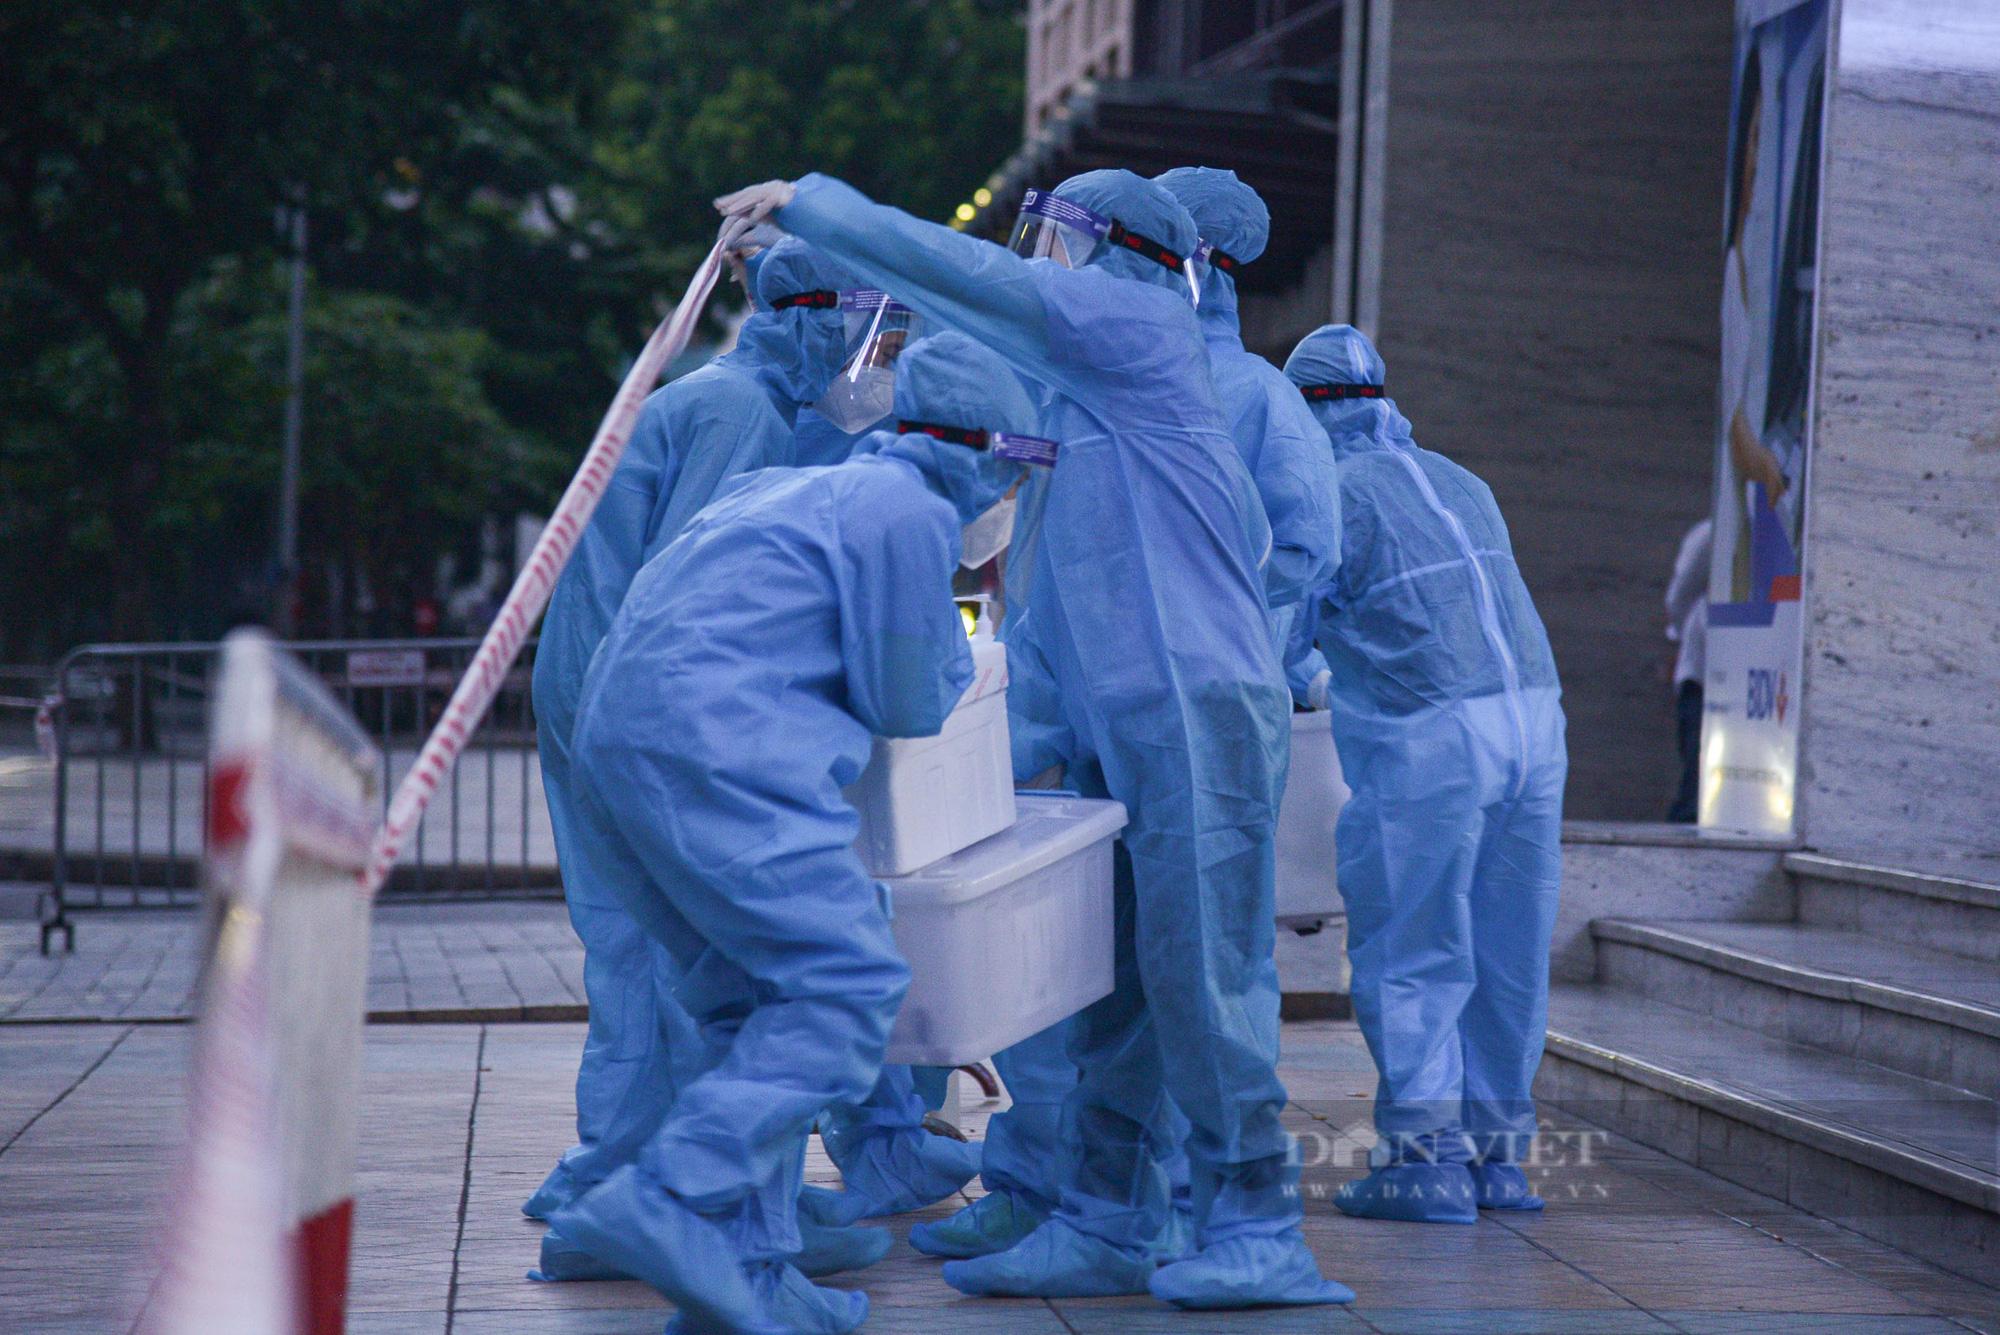 Ảnh: Khẩn trương truy vết người bị nghi nhiễm Covid-19 tại Vincom Bà Triệu, Hà Nội - Ảnh 5.